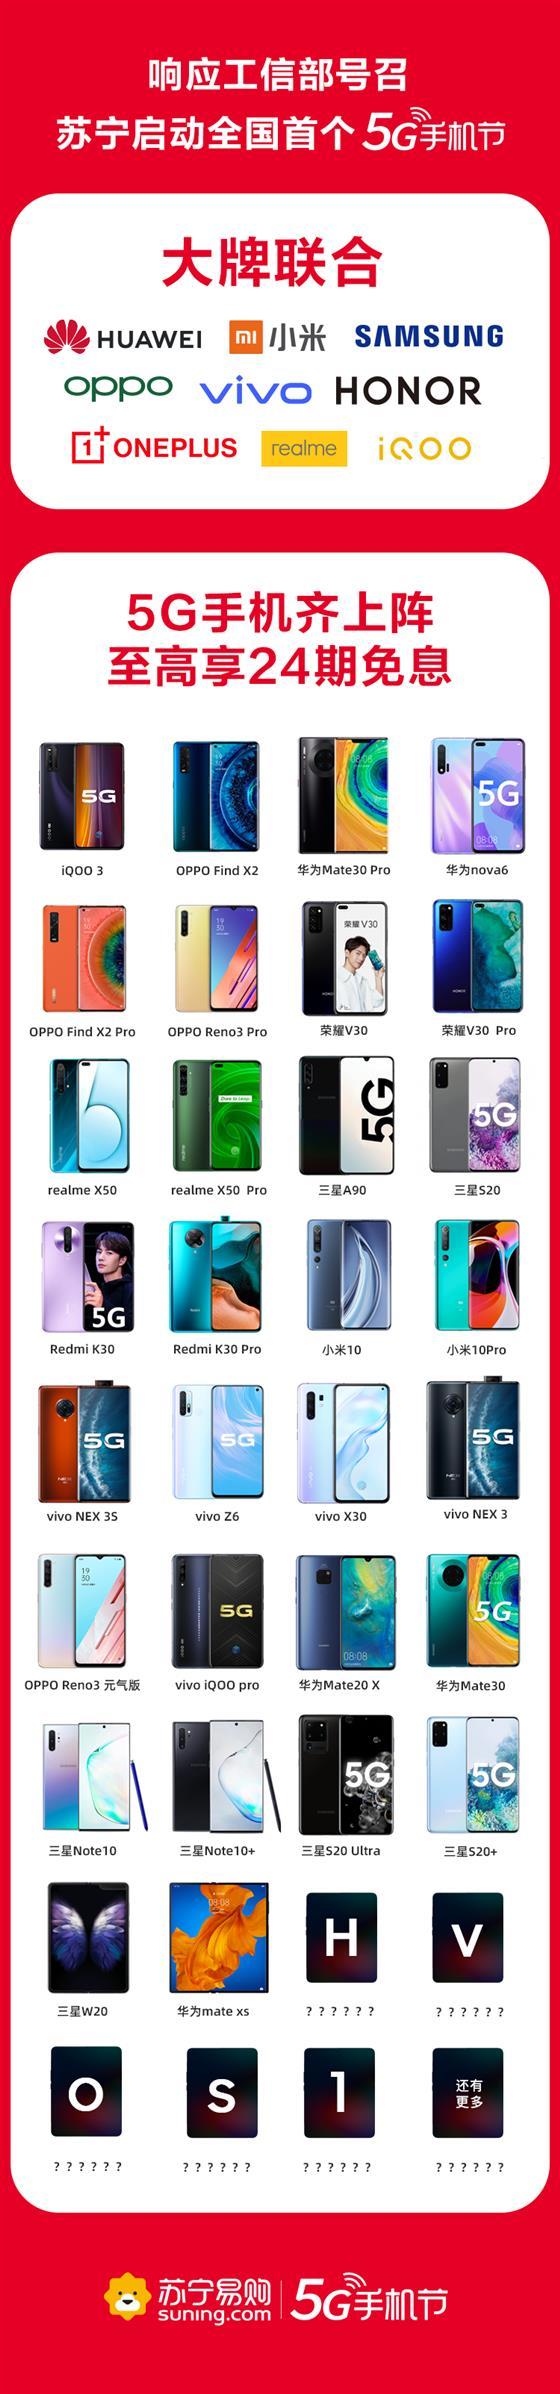 业内首个5G节背后,是苏宁引领的手机零售新变局